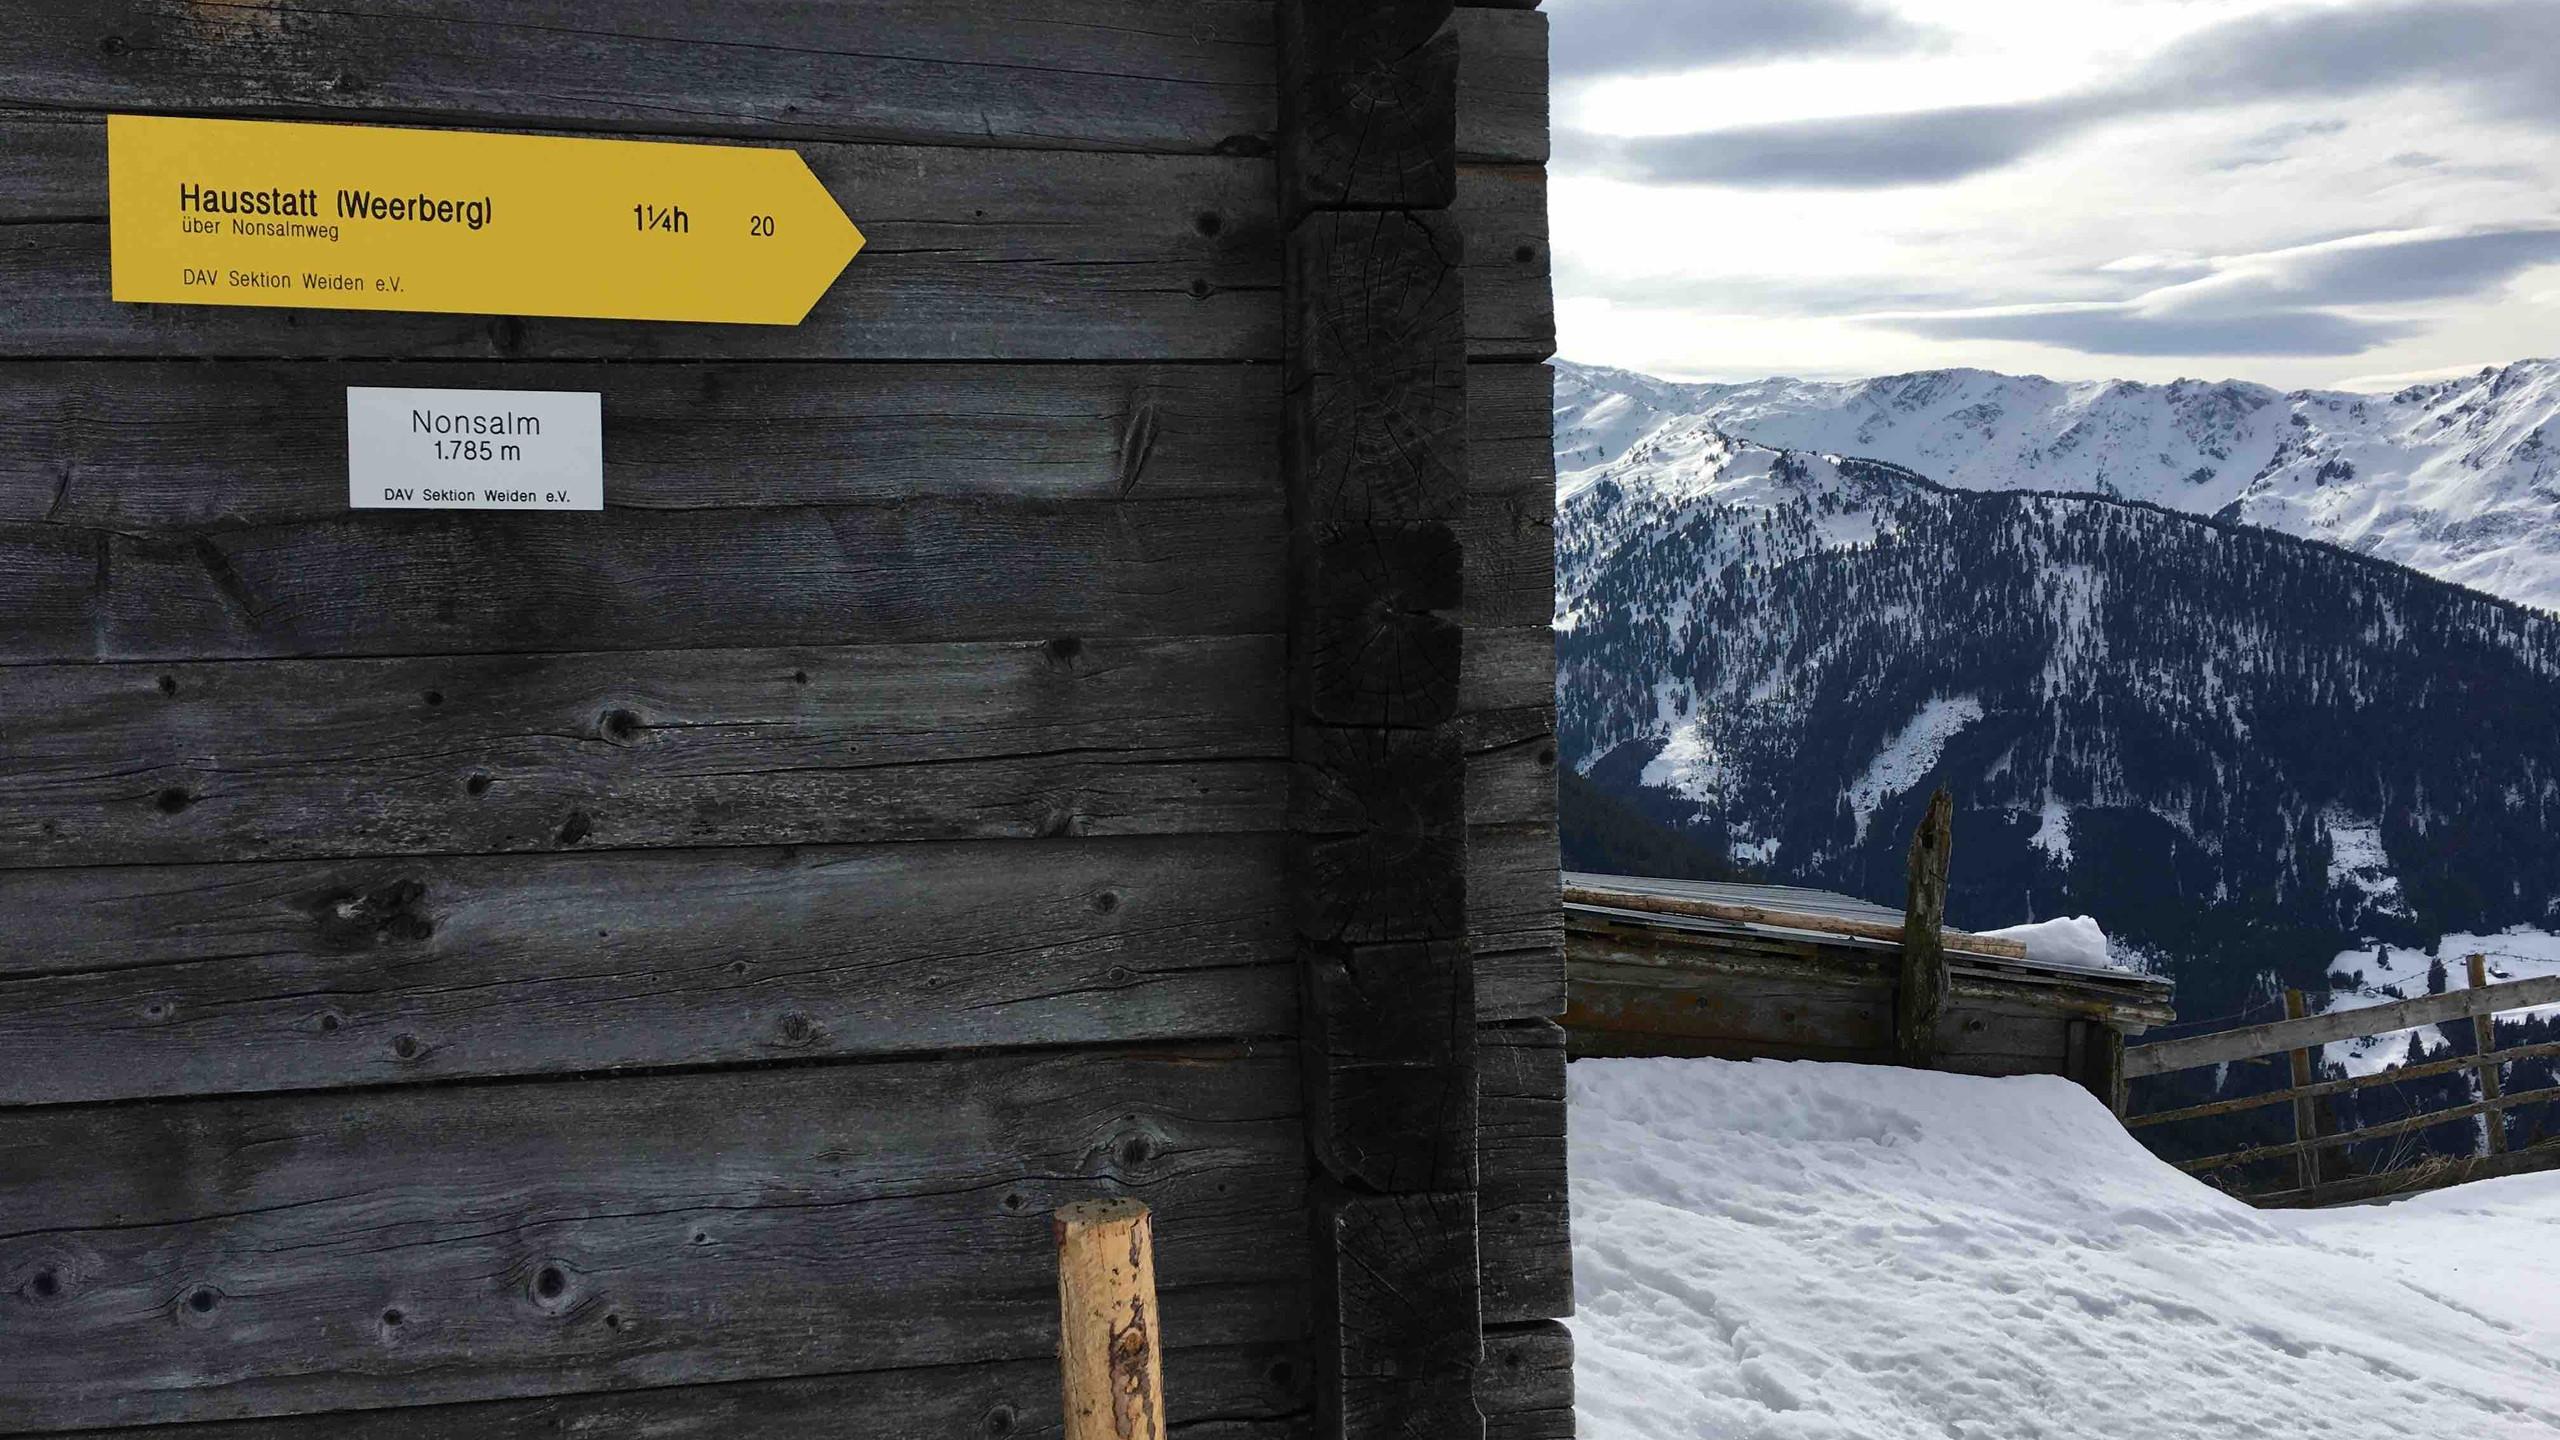 Nonsalm mit Wegweiser, Skitour Gilfert